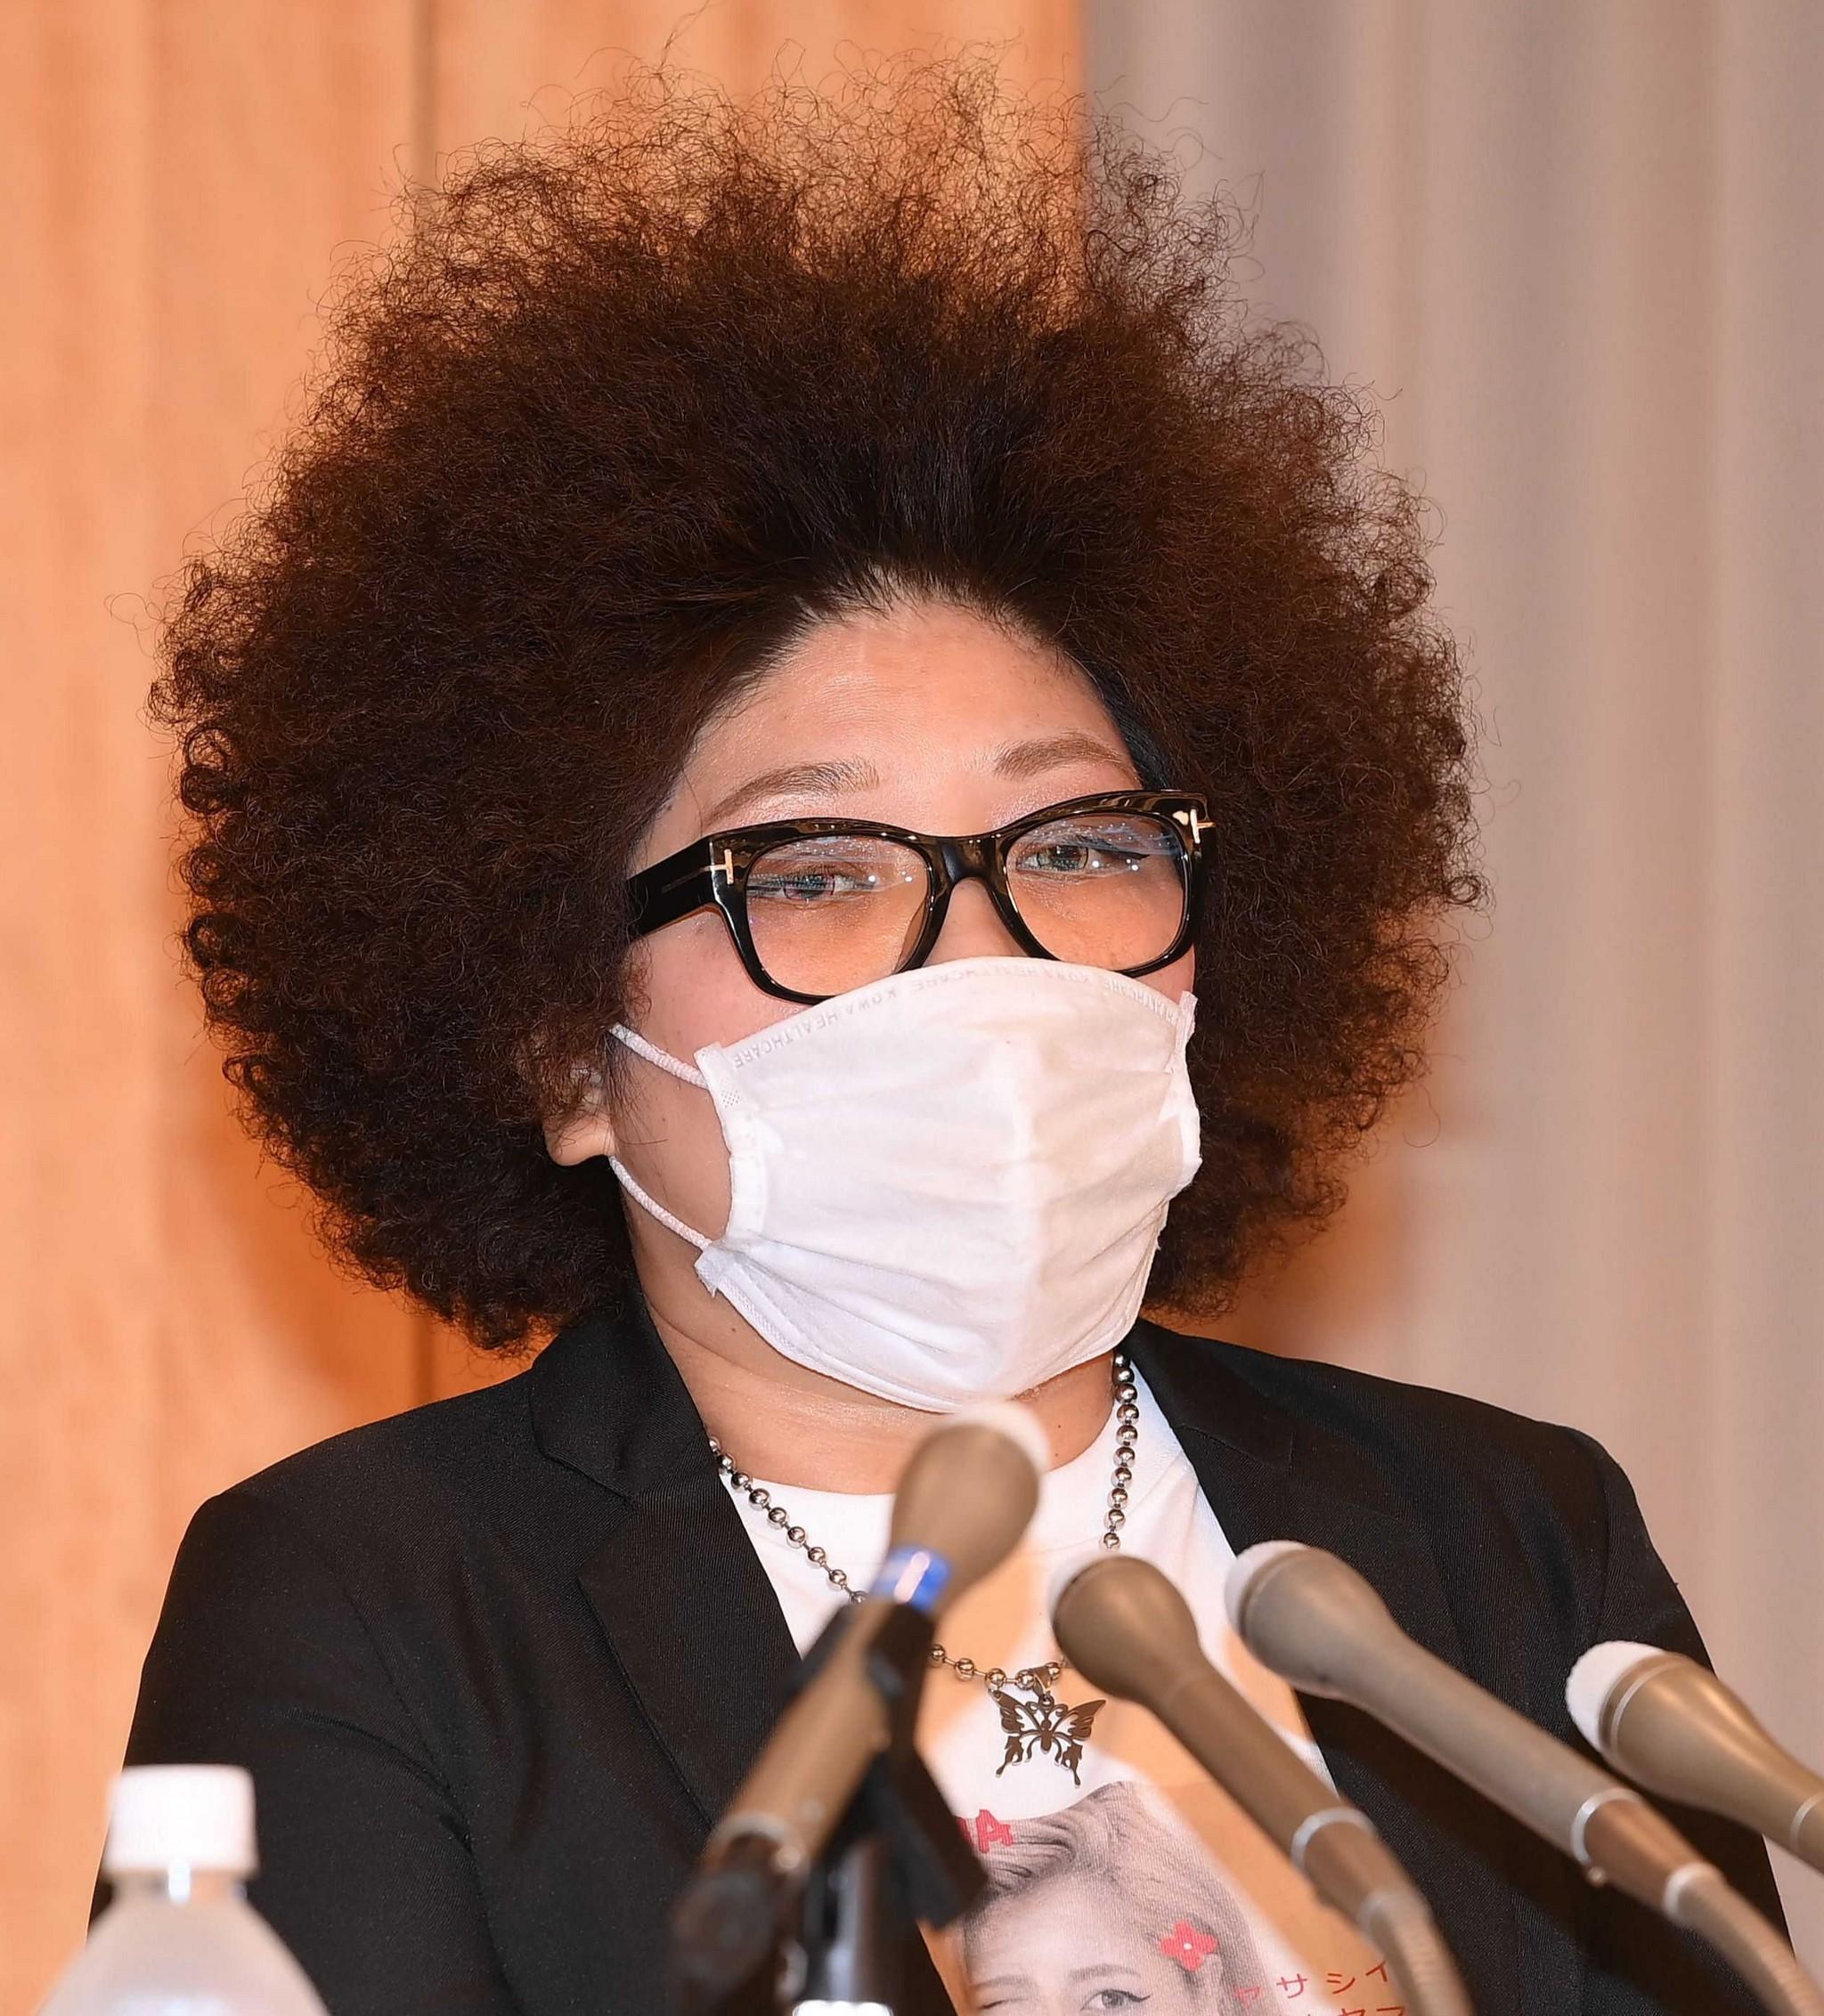 木村花さん母、石川優実氏ら設立団体の呼び掛けに不快感「あなたたちがいたら助けられた?」|よろず〜ニュース